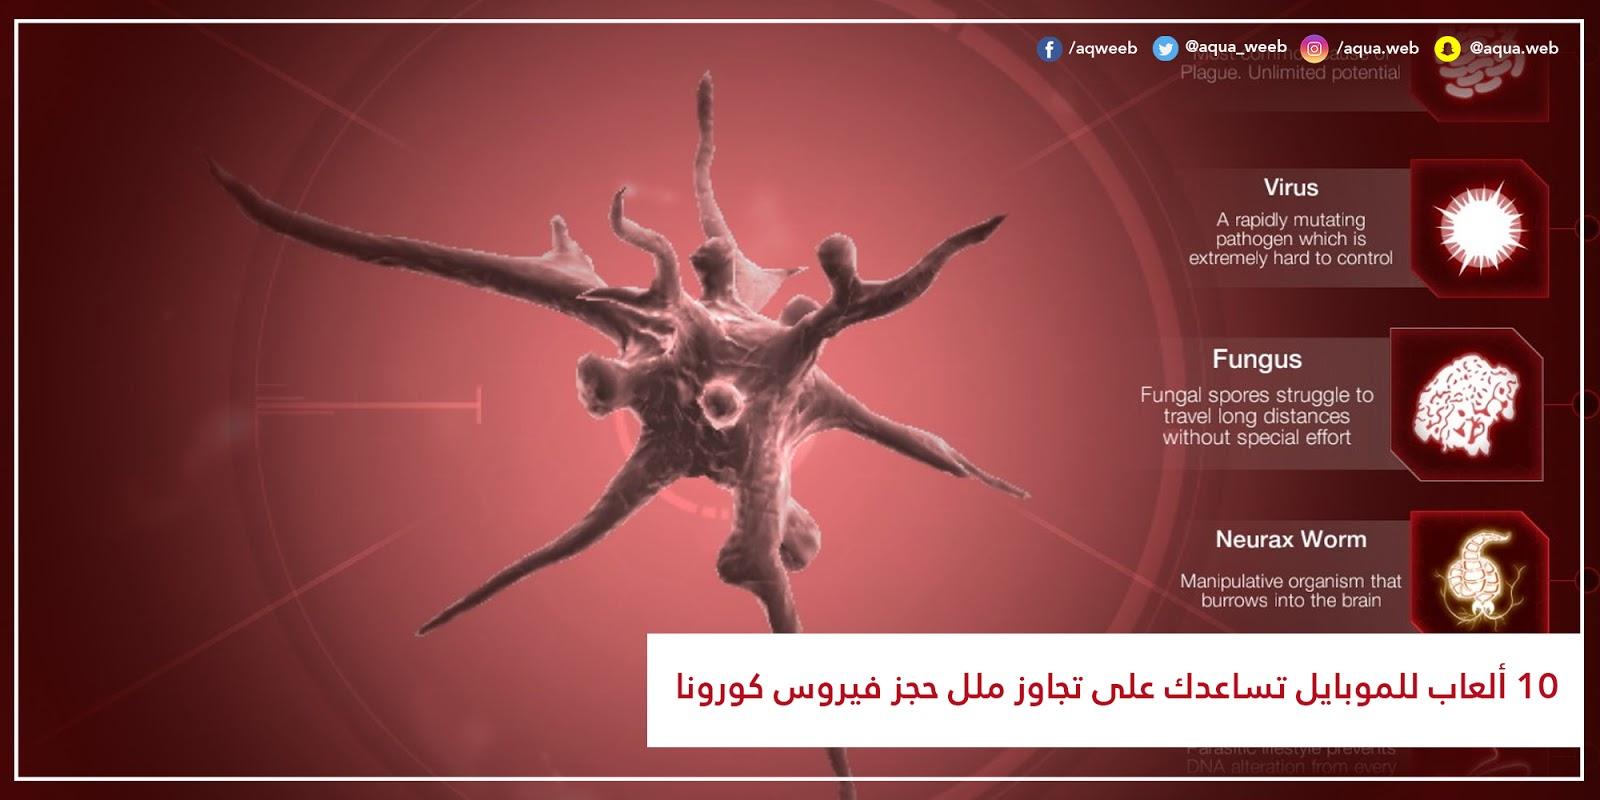 10 ألعاب للموبايل تساعدك على تجاوز ملل حجز فيروس كورونا